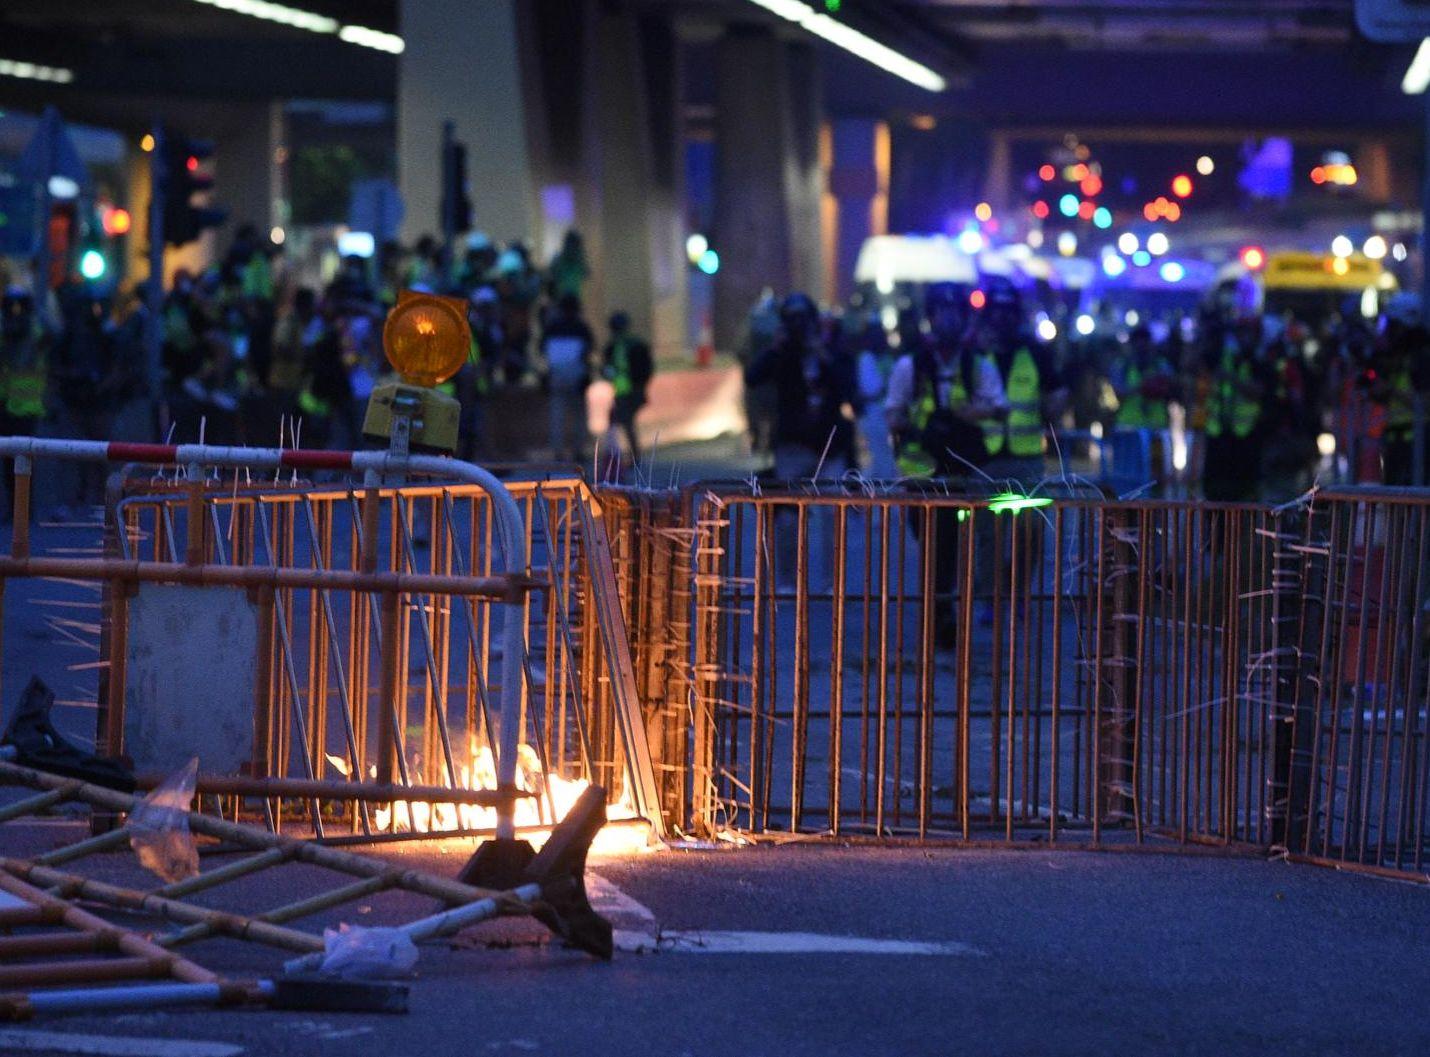 示威者疑縱火焚燒路障。